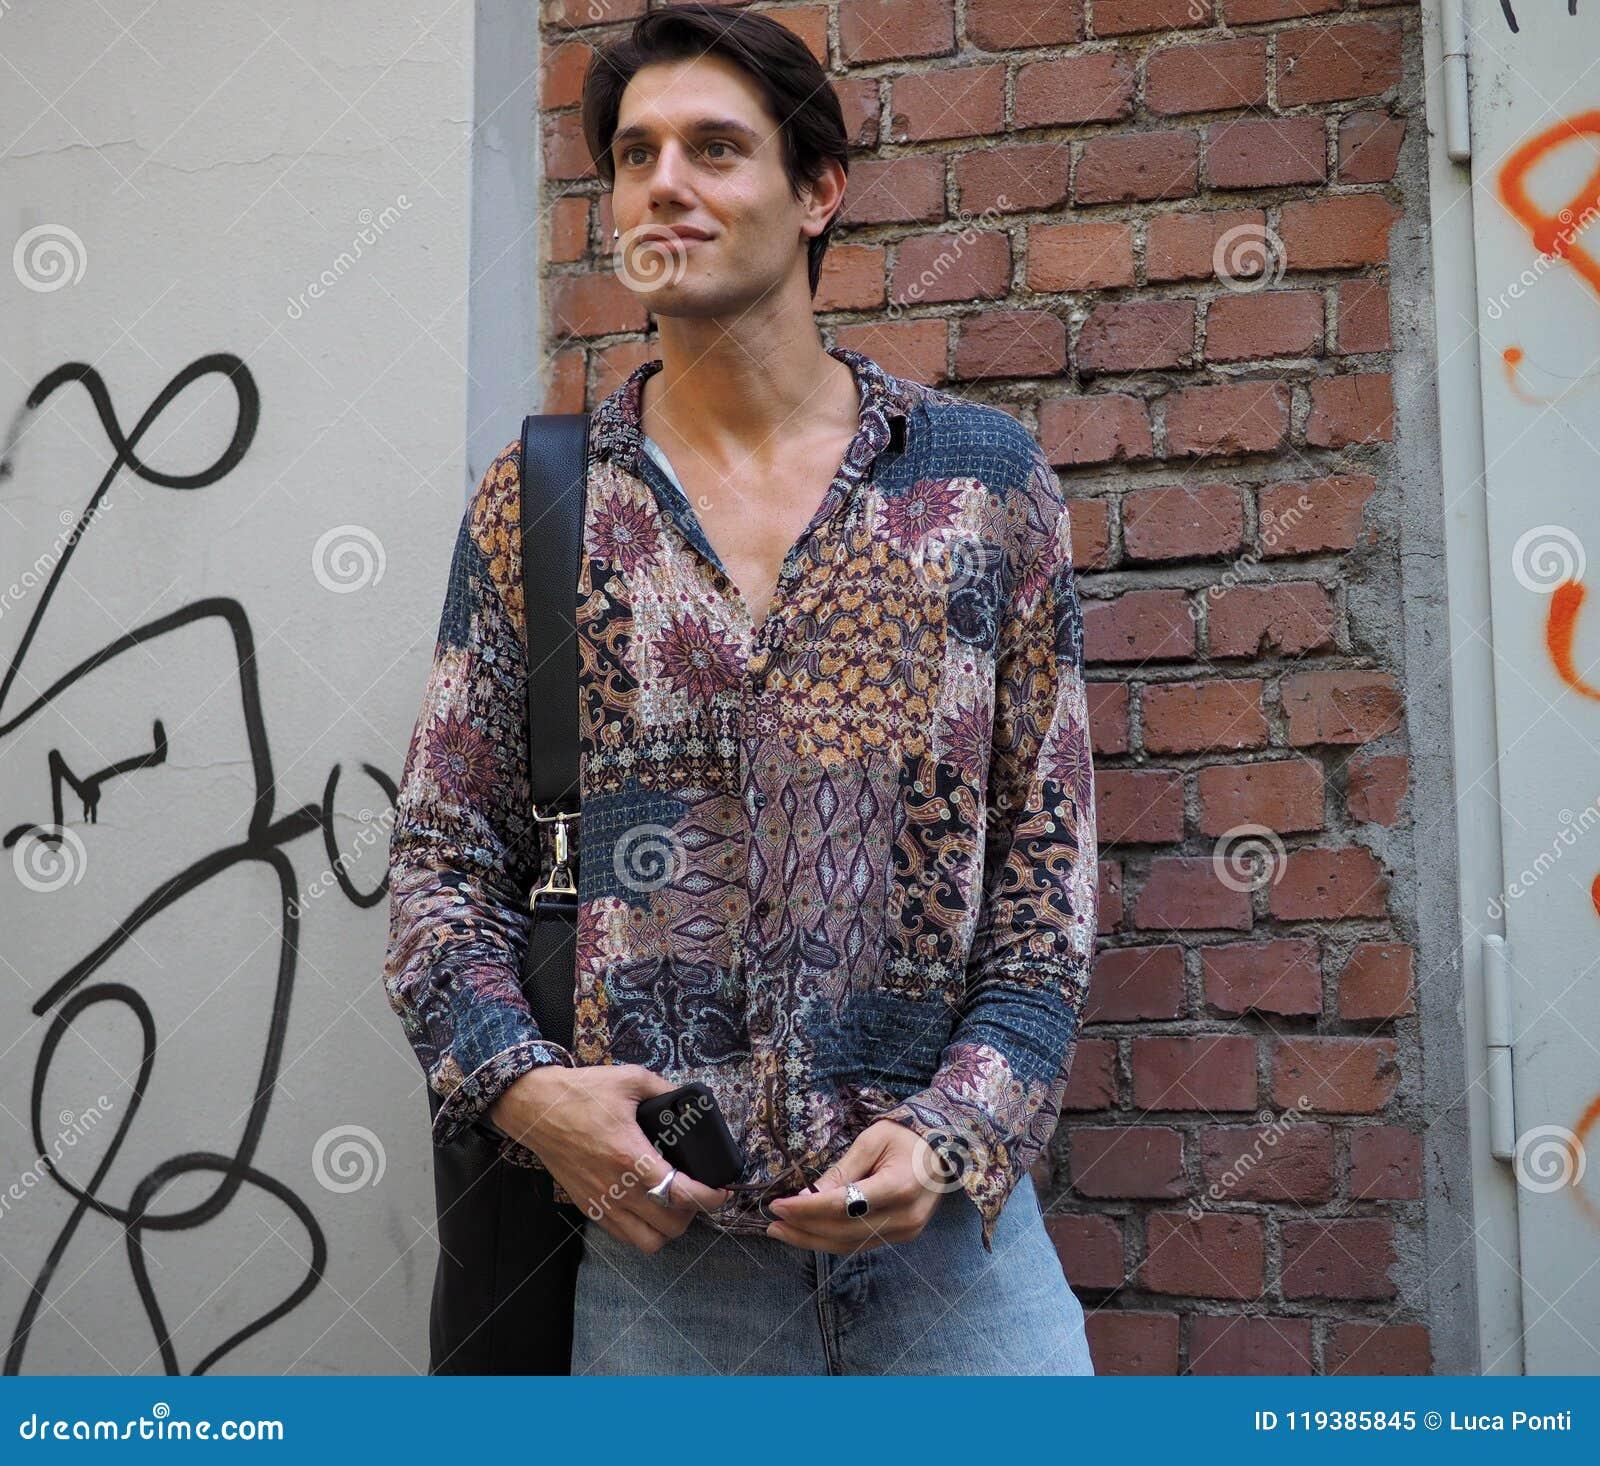 MILANO, ITALIA - 18 GIUGNO 2018: Uomo alla moda che posa nella via prima della sfilata di moda di FENDI